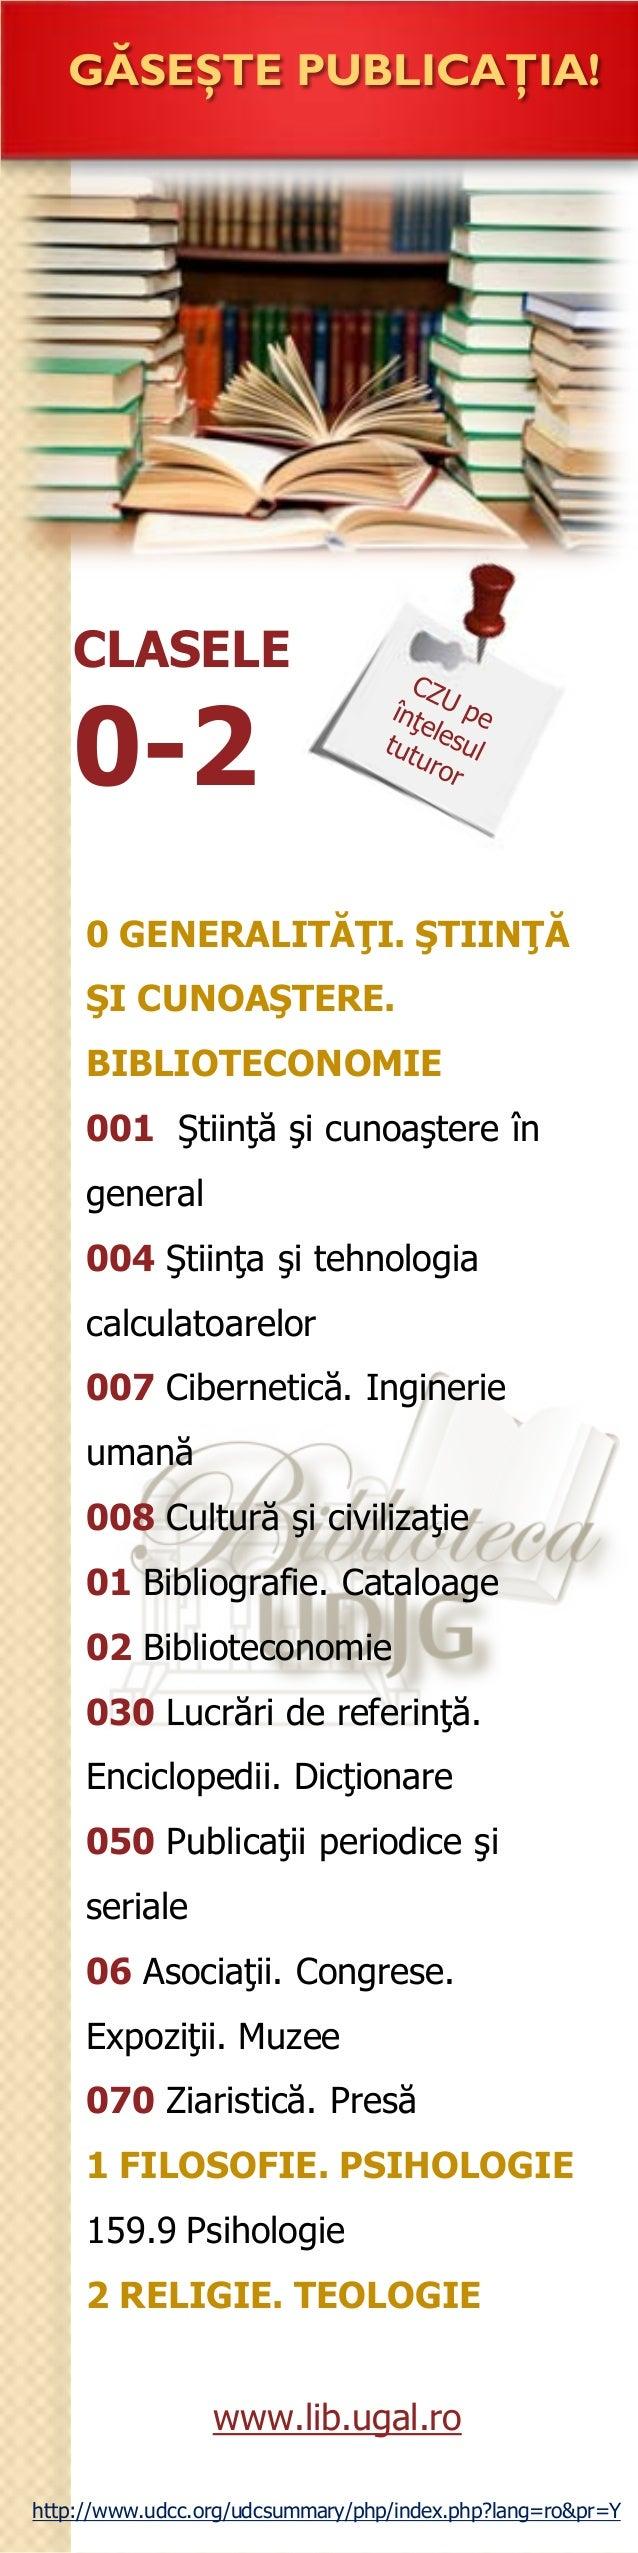 0 GENERALITĂŢI. ŞTIINŢĂ ŞI CUNOAŞTERE. BIBLIOTECONOMIE 001 Ştiinţă şi cunoaştere în general 004 Ştiinţa şi tehnologia calc...